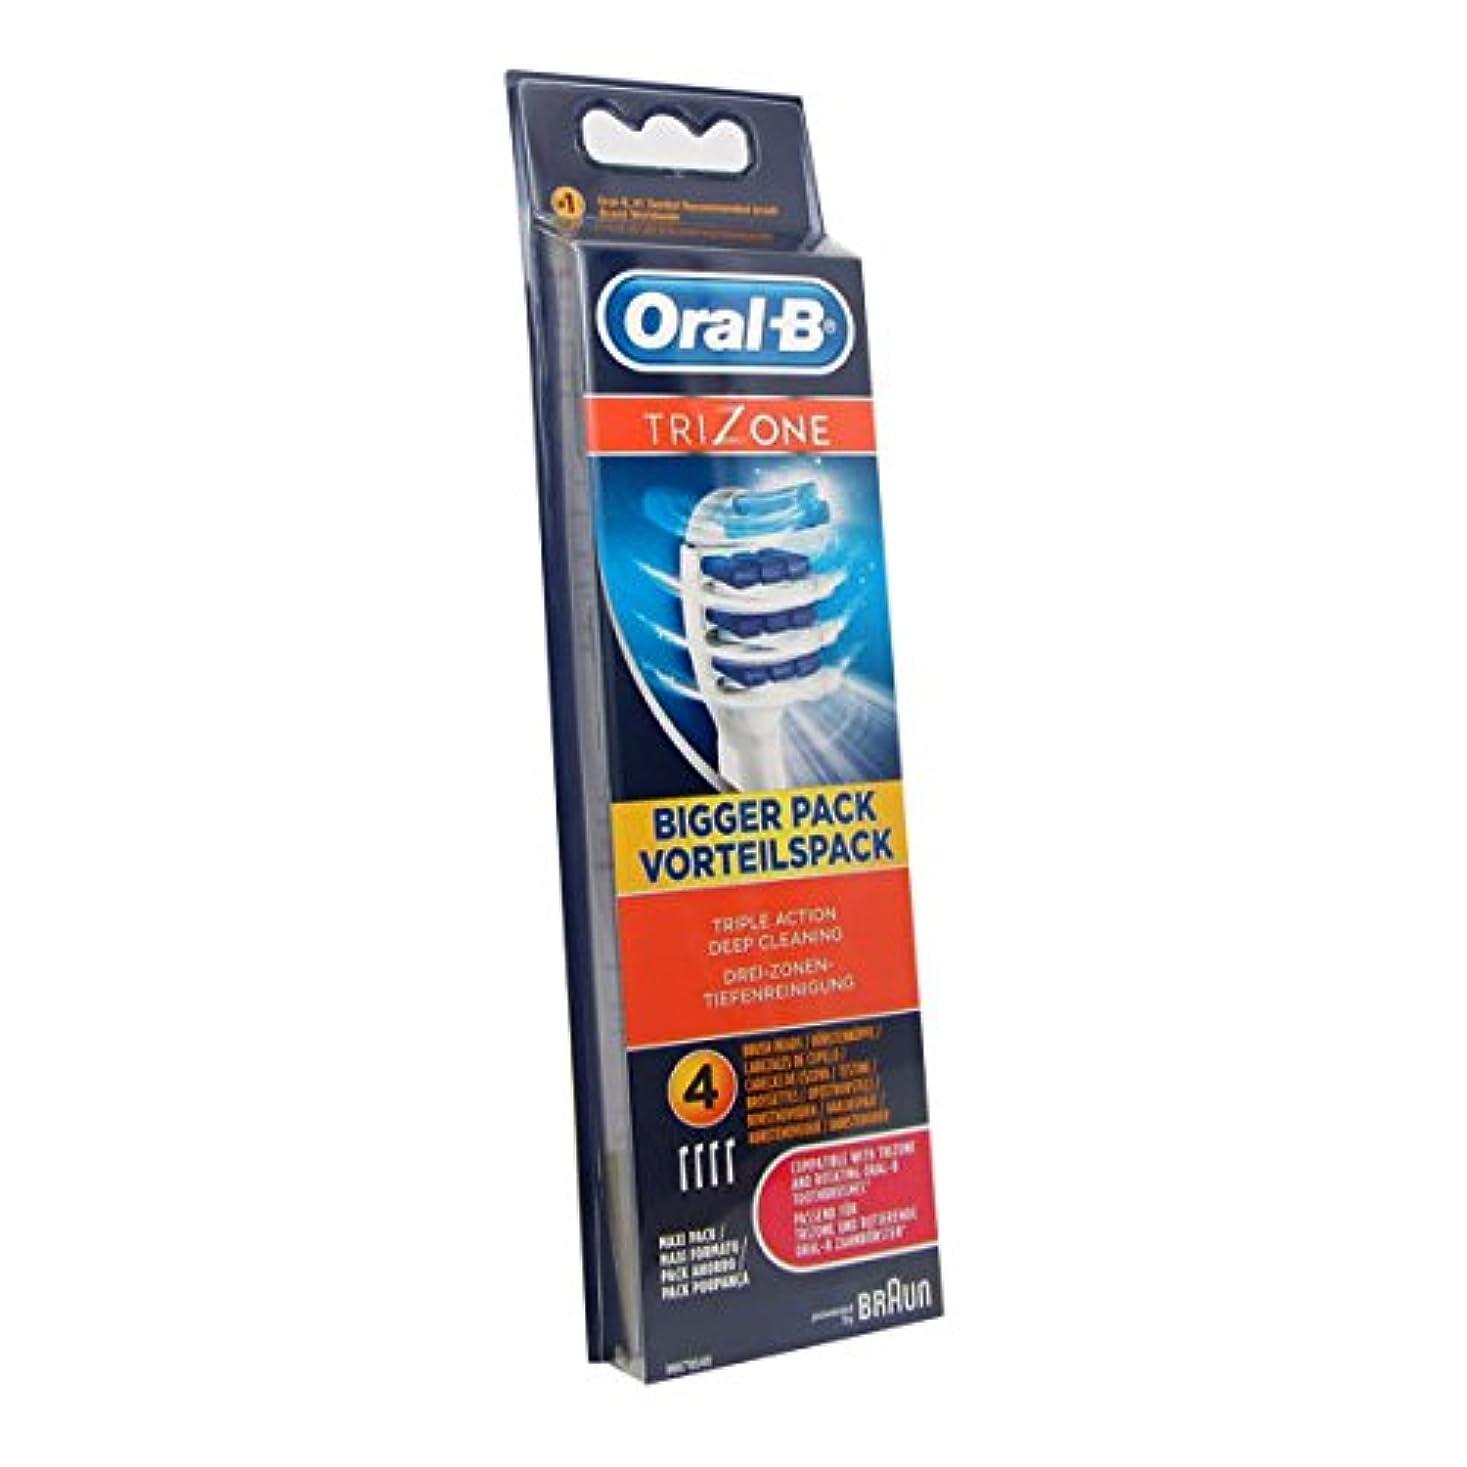 レンチおいしい決定Oral B Trizone Replacement Brush X4 [並行輸入品]